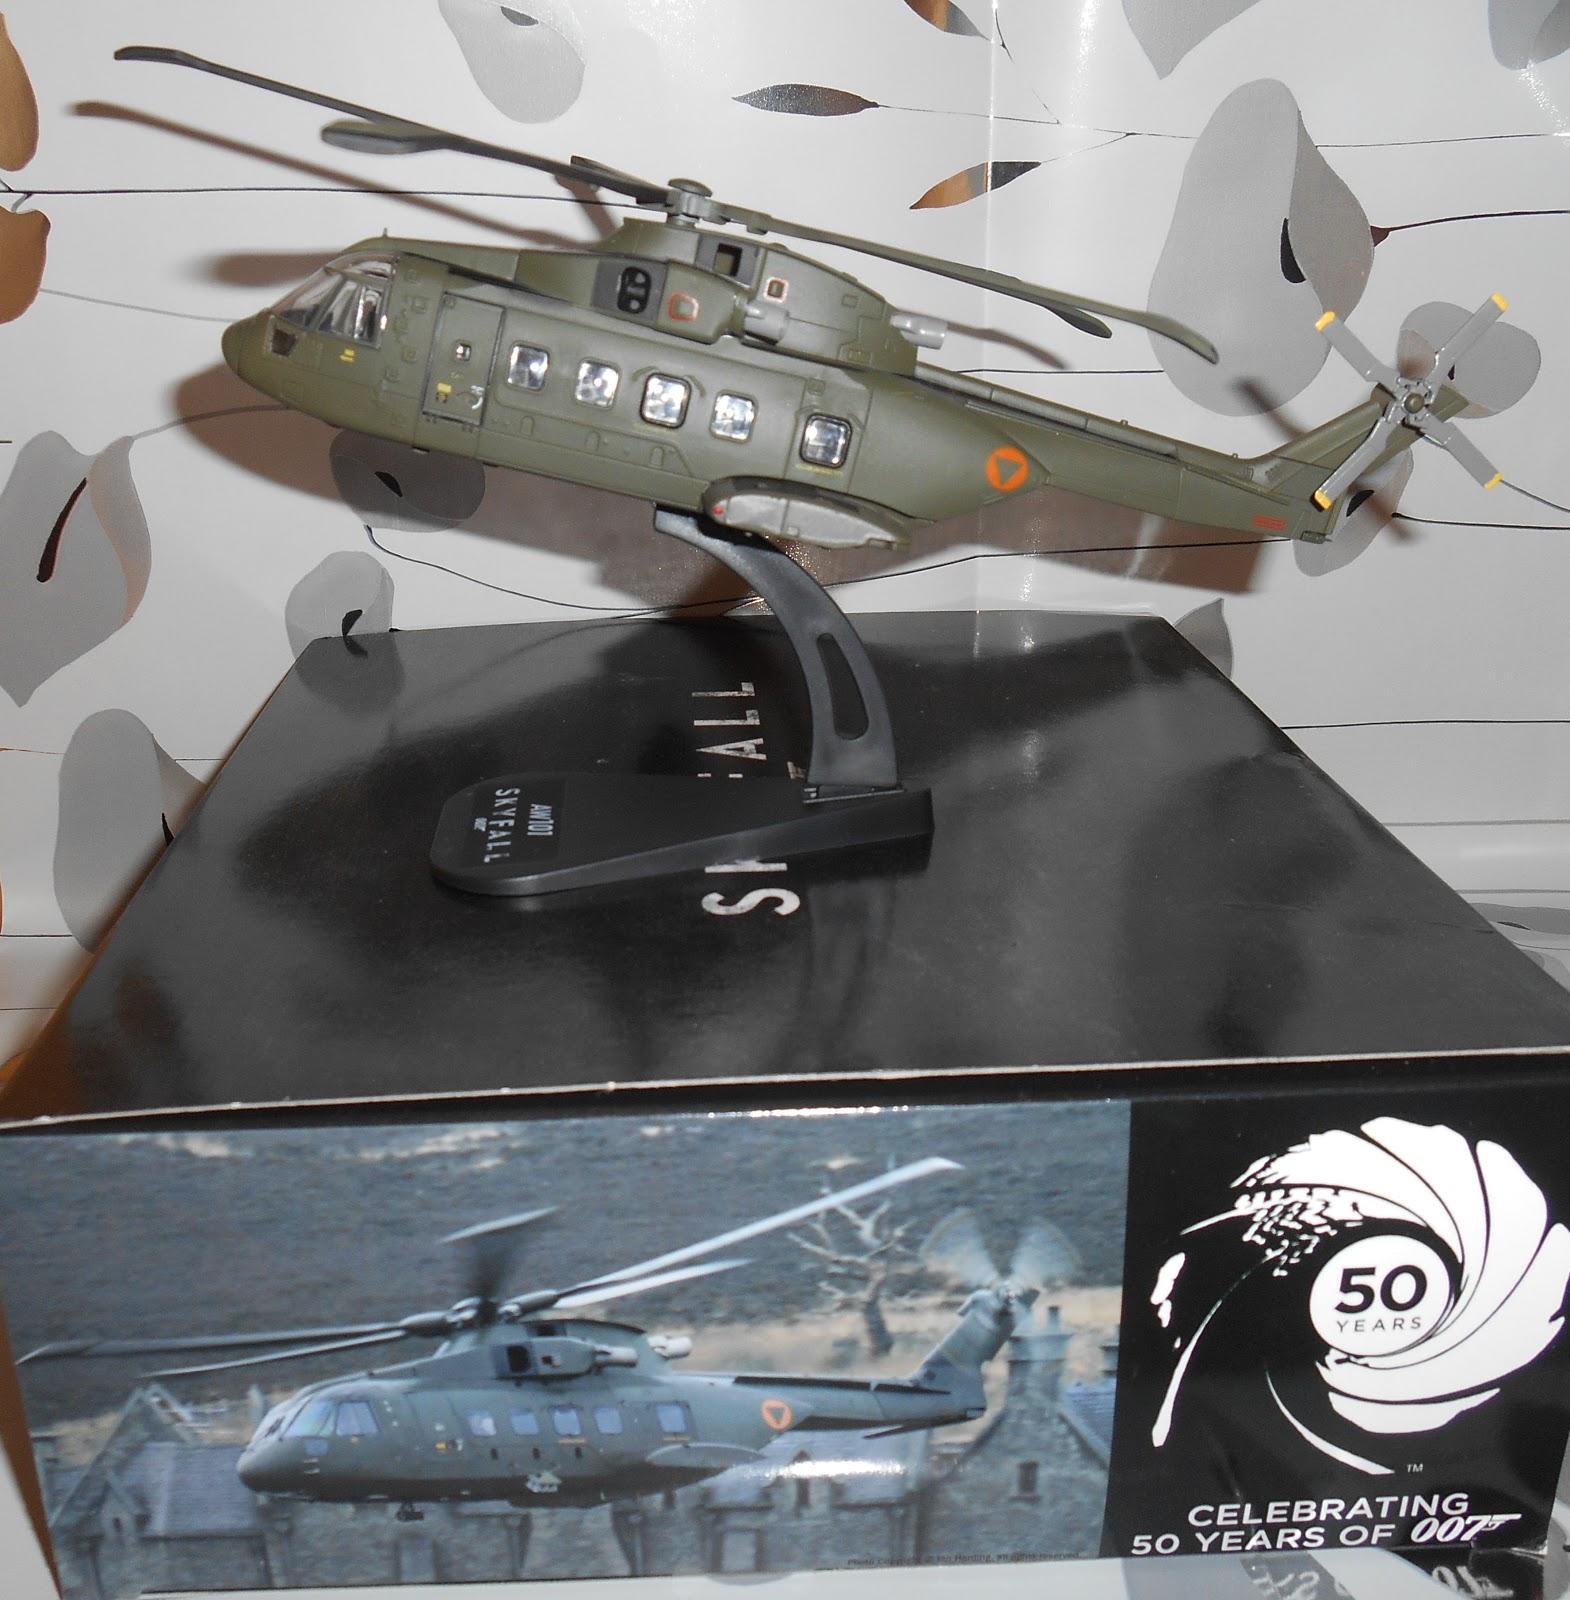 Elicottero 007 : I profumi della mia casa!: gli accessori giusti per la mia casa e il